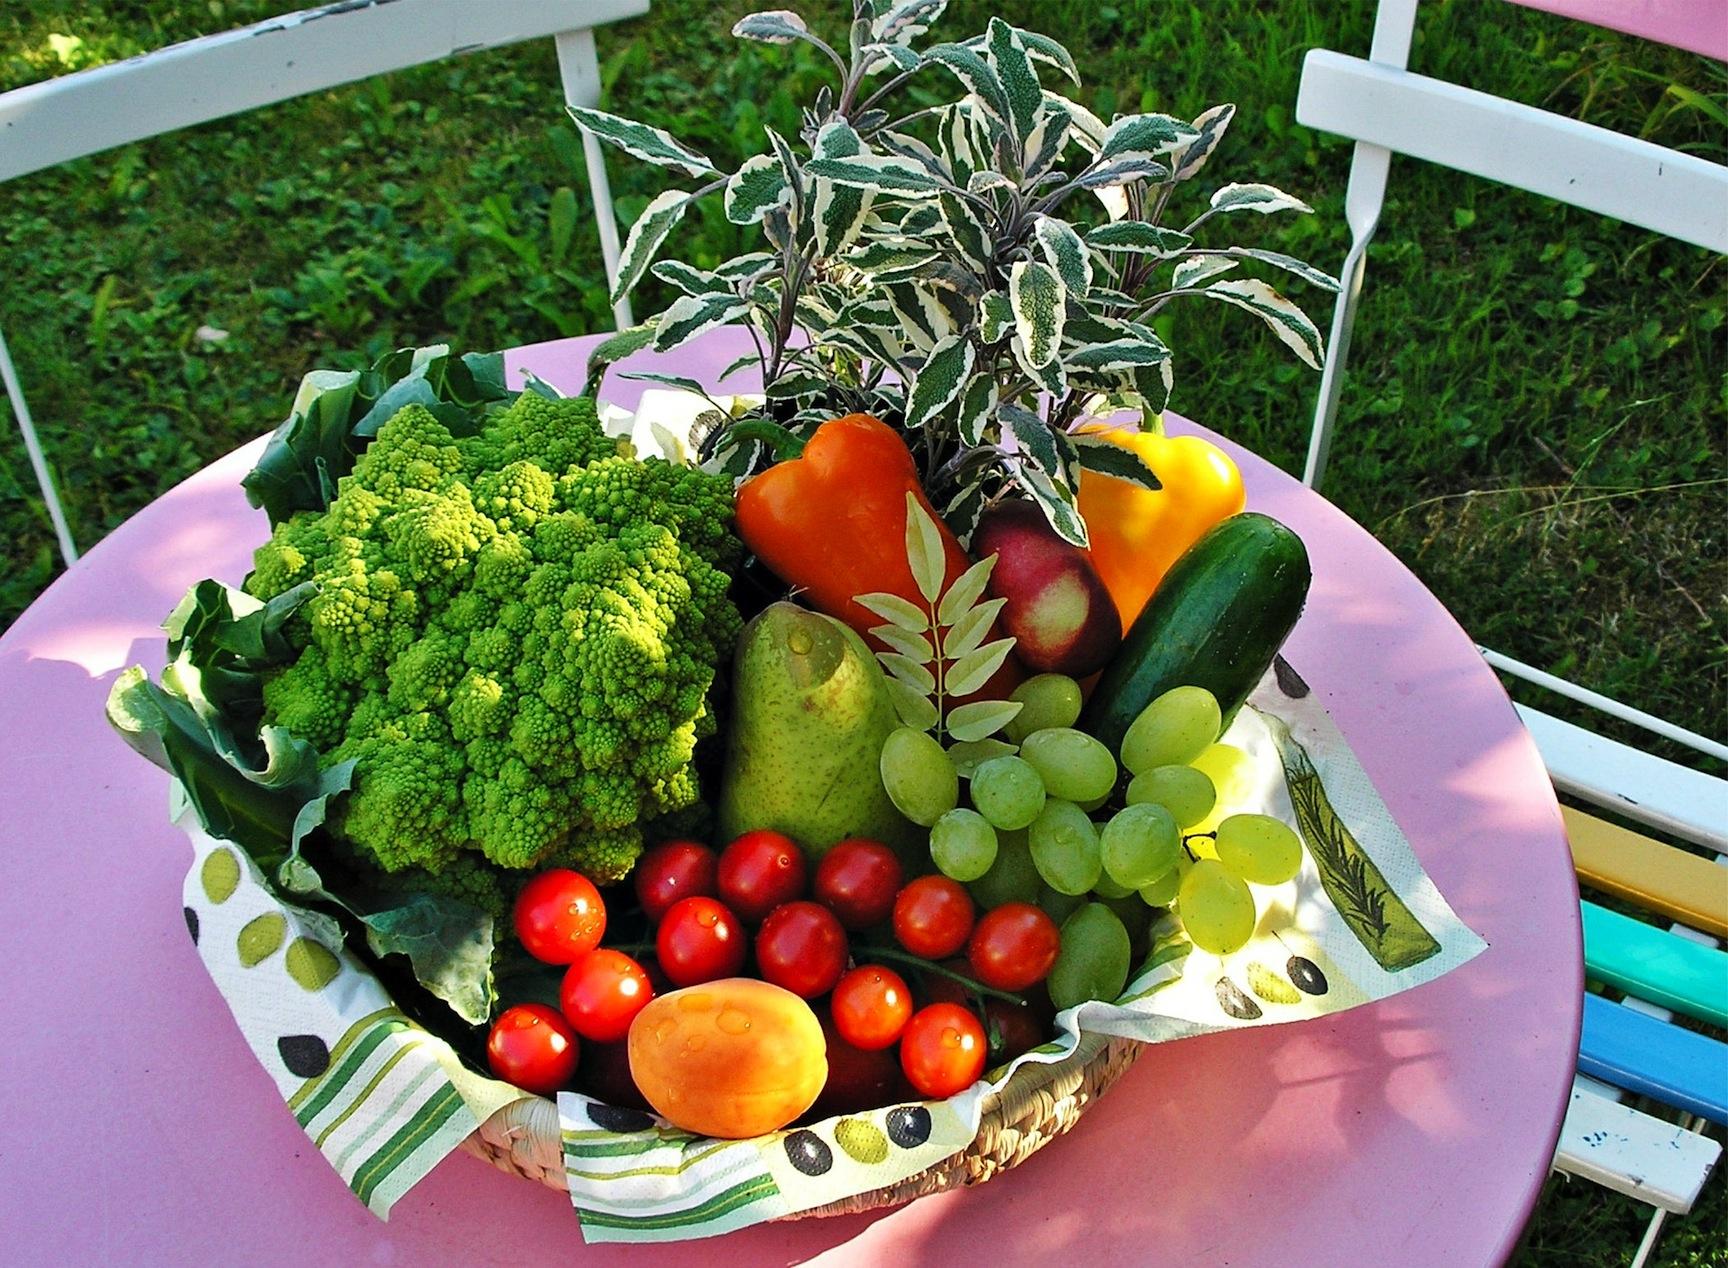 fruit-basket-396622-1920_814e.jpg